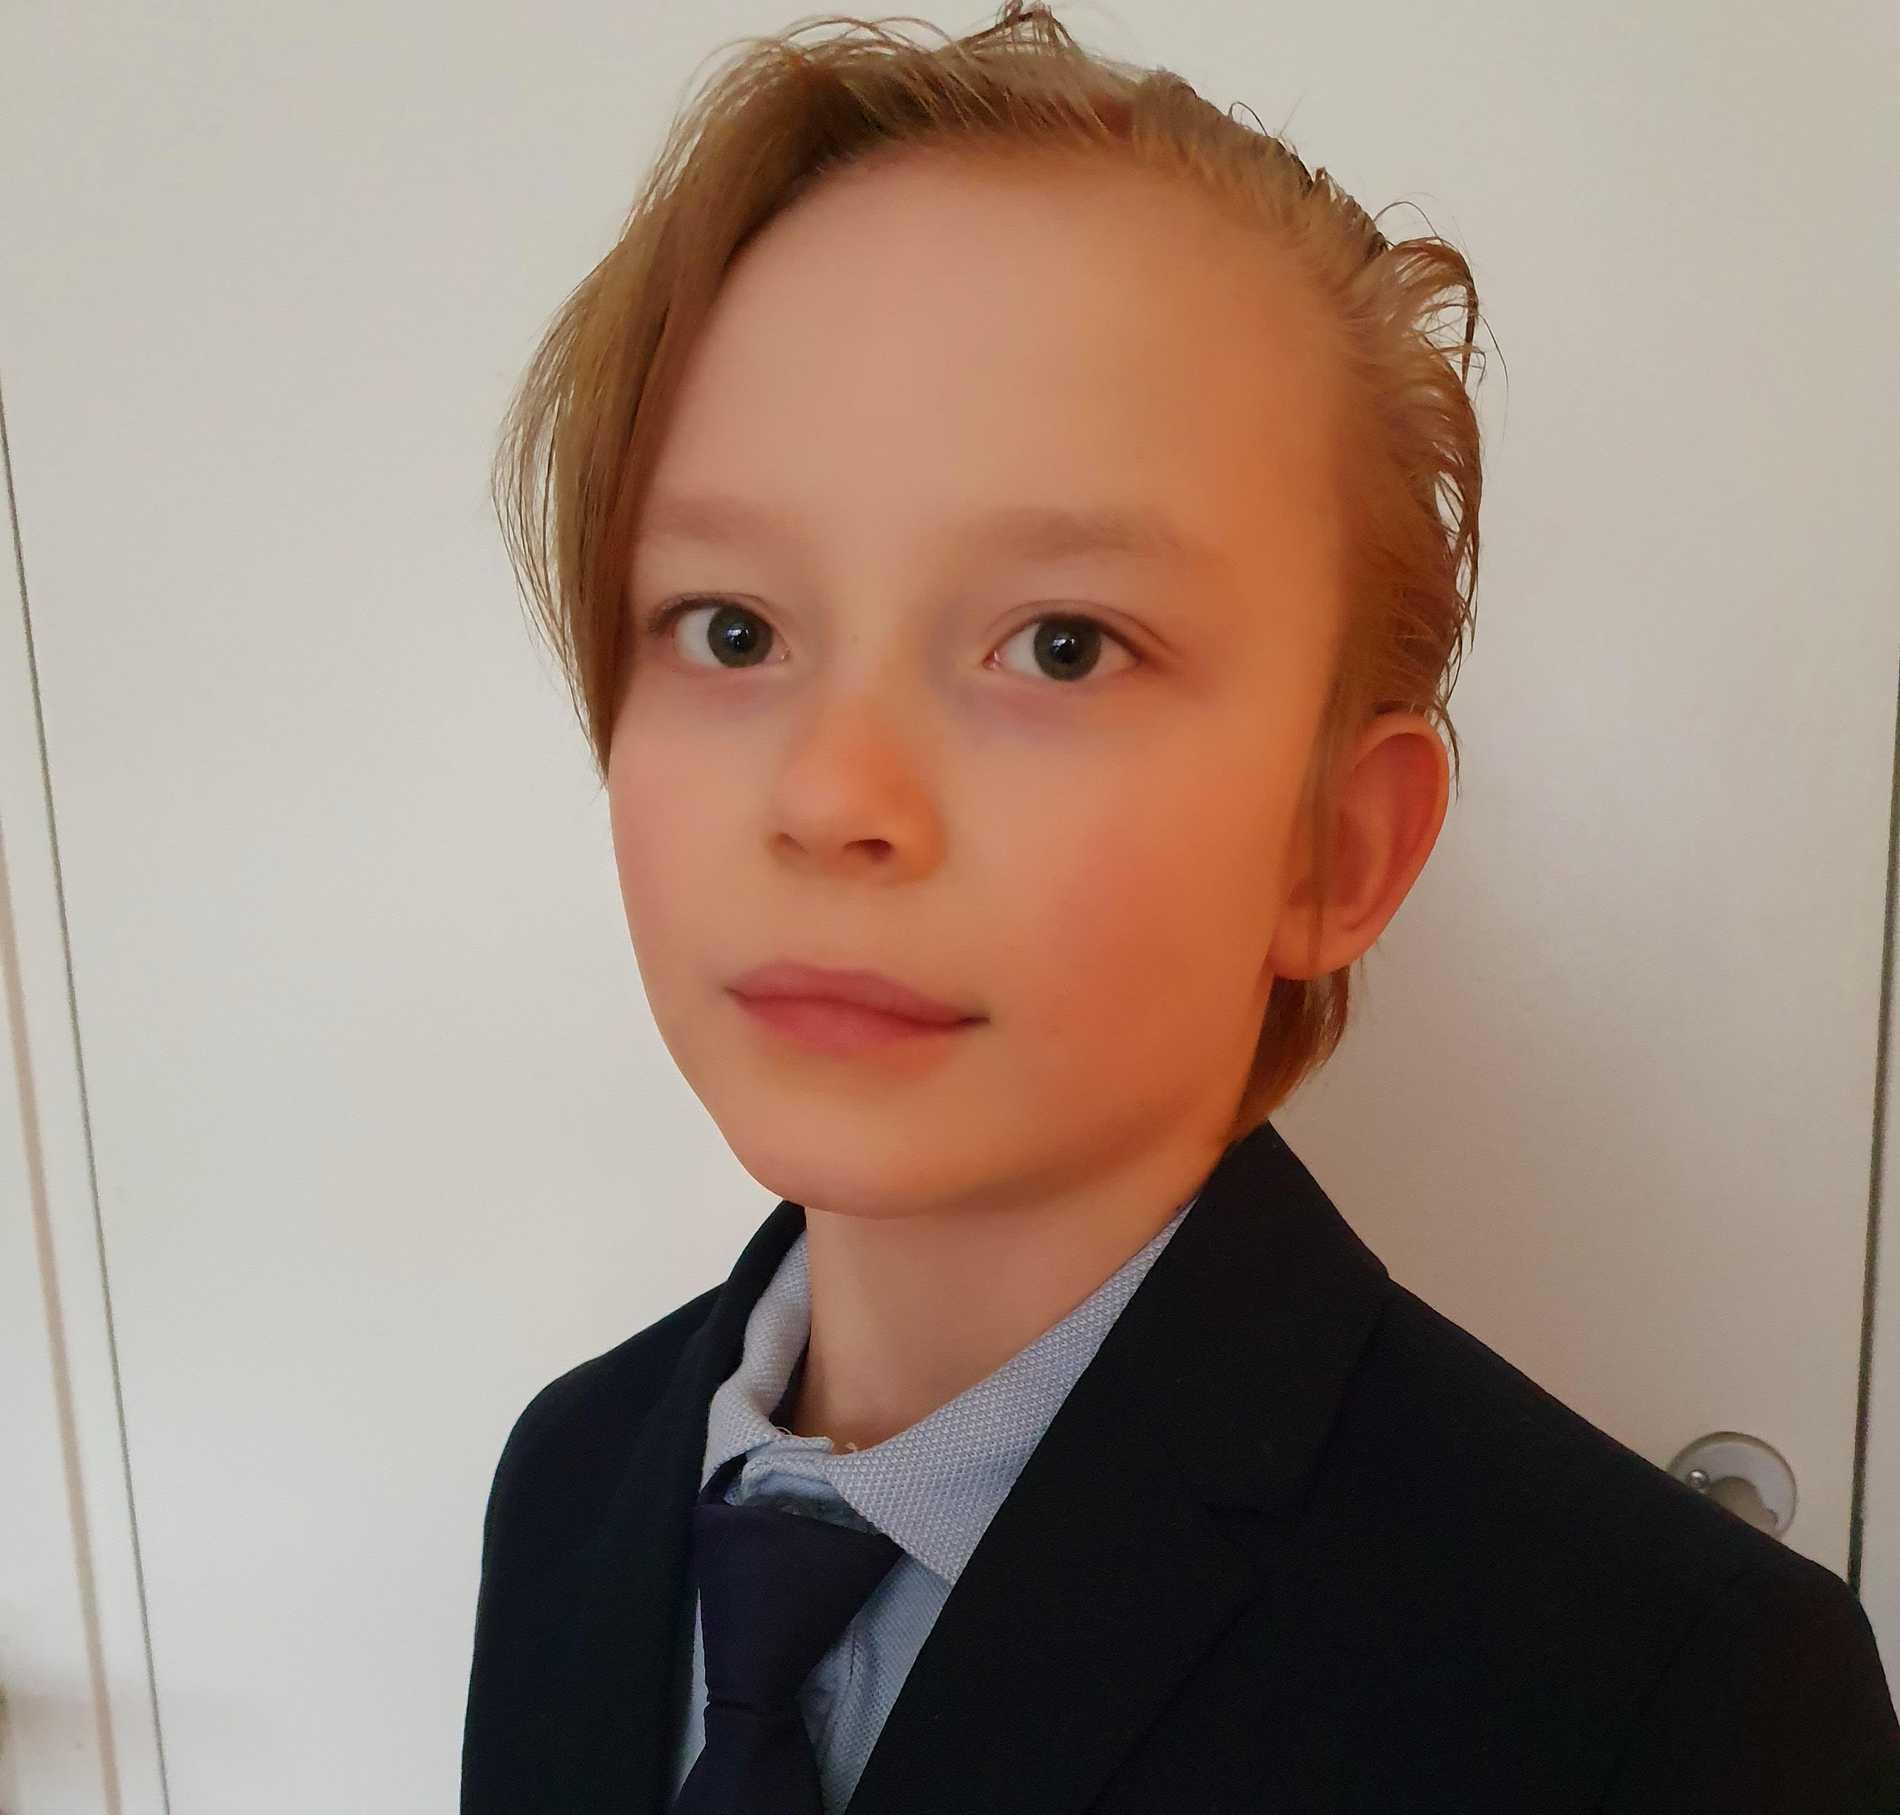 Melvin är nio år och i grunden fullt frisk, nyligen blev han väldigt sjuk i covid-19.